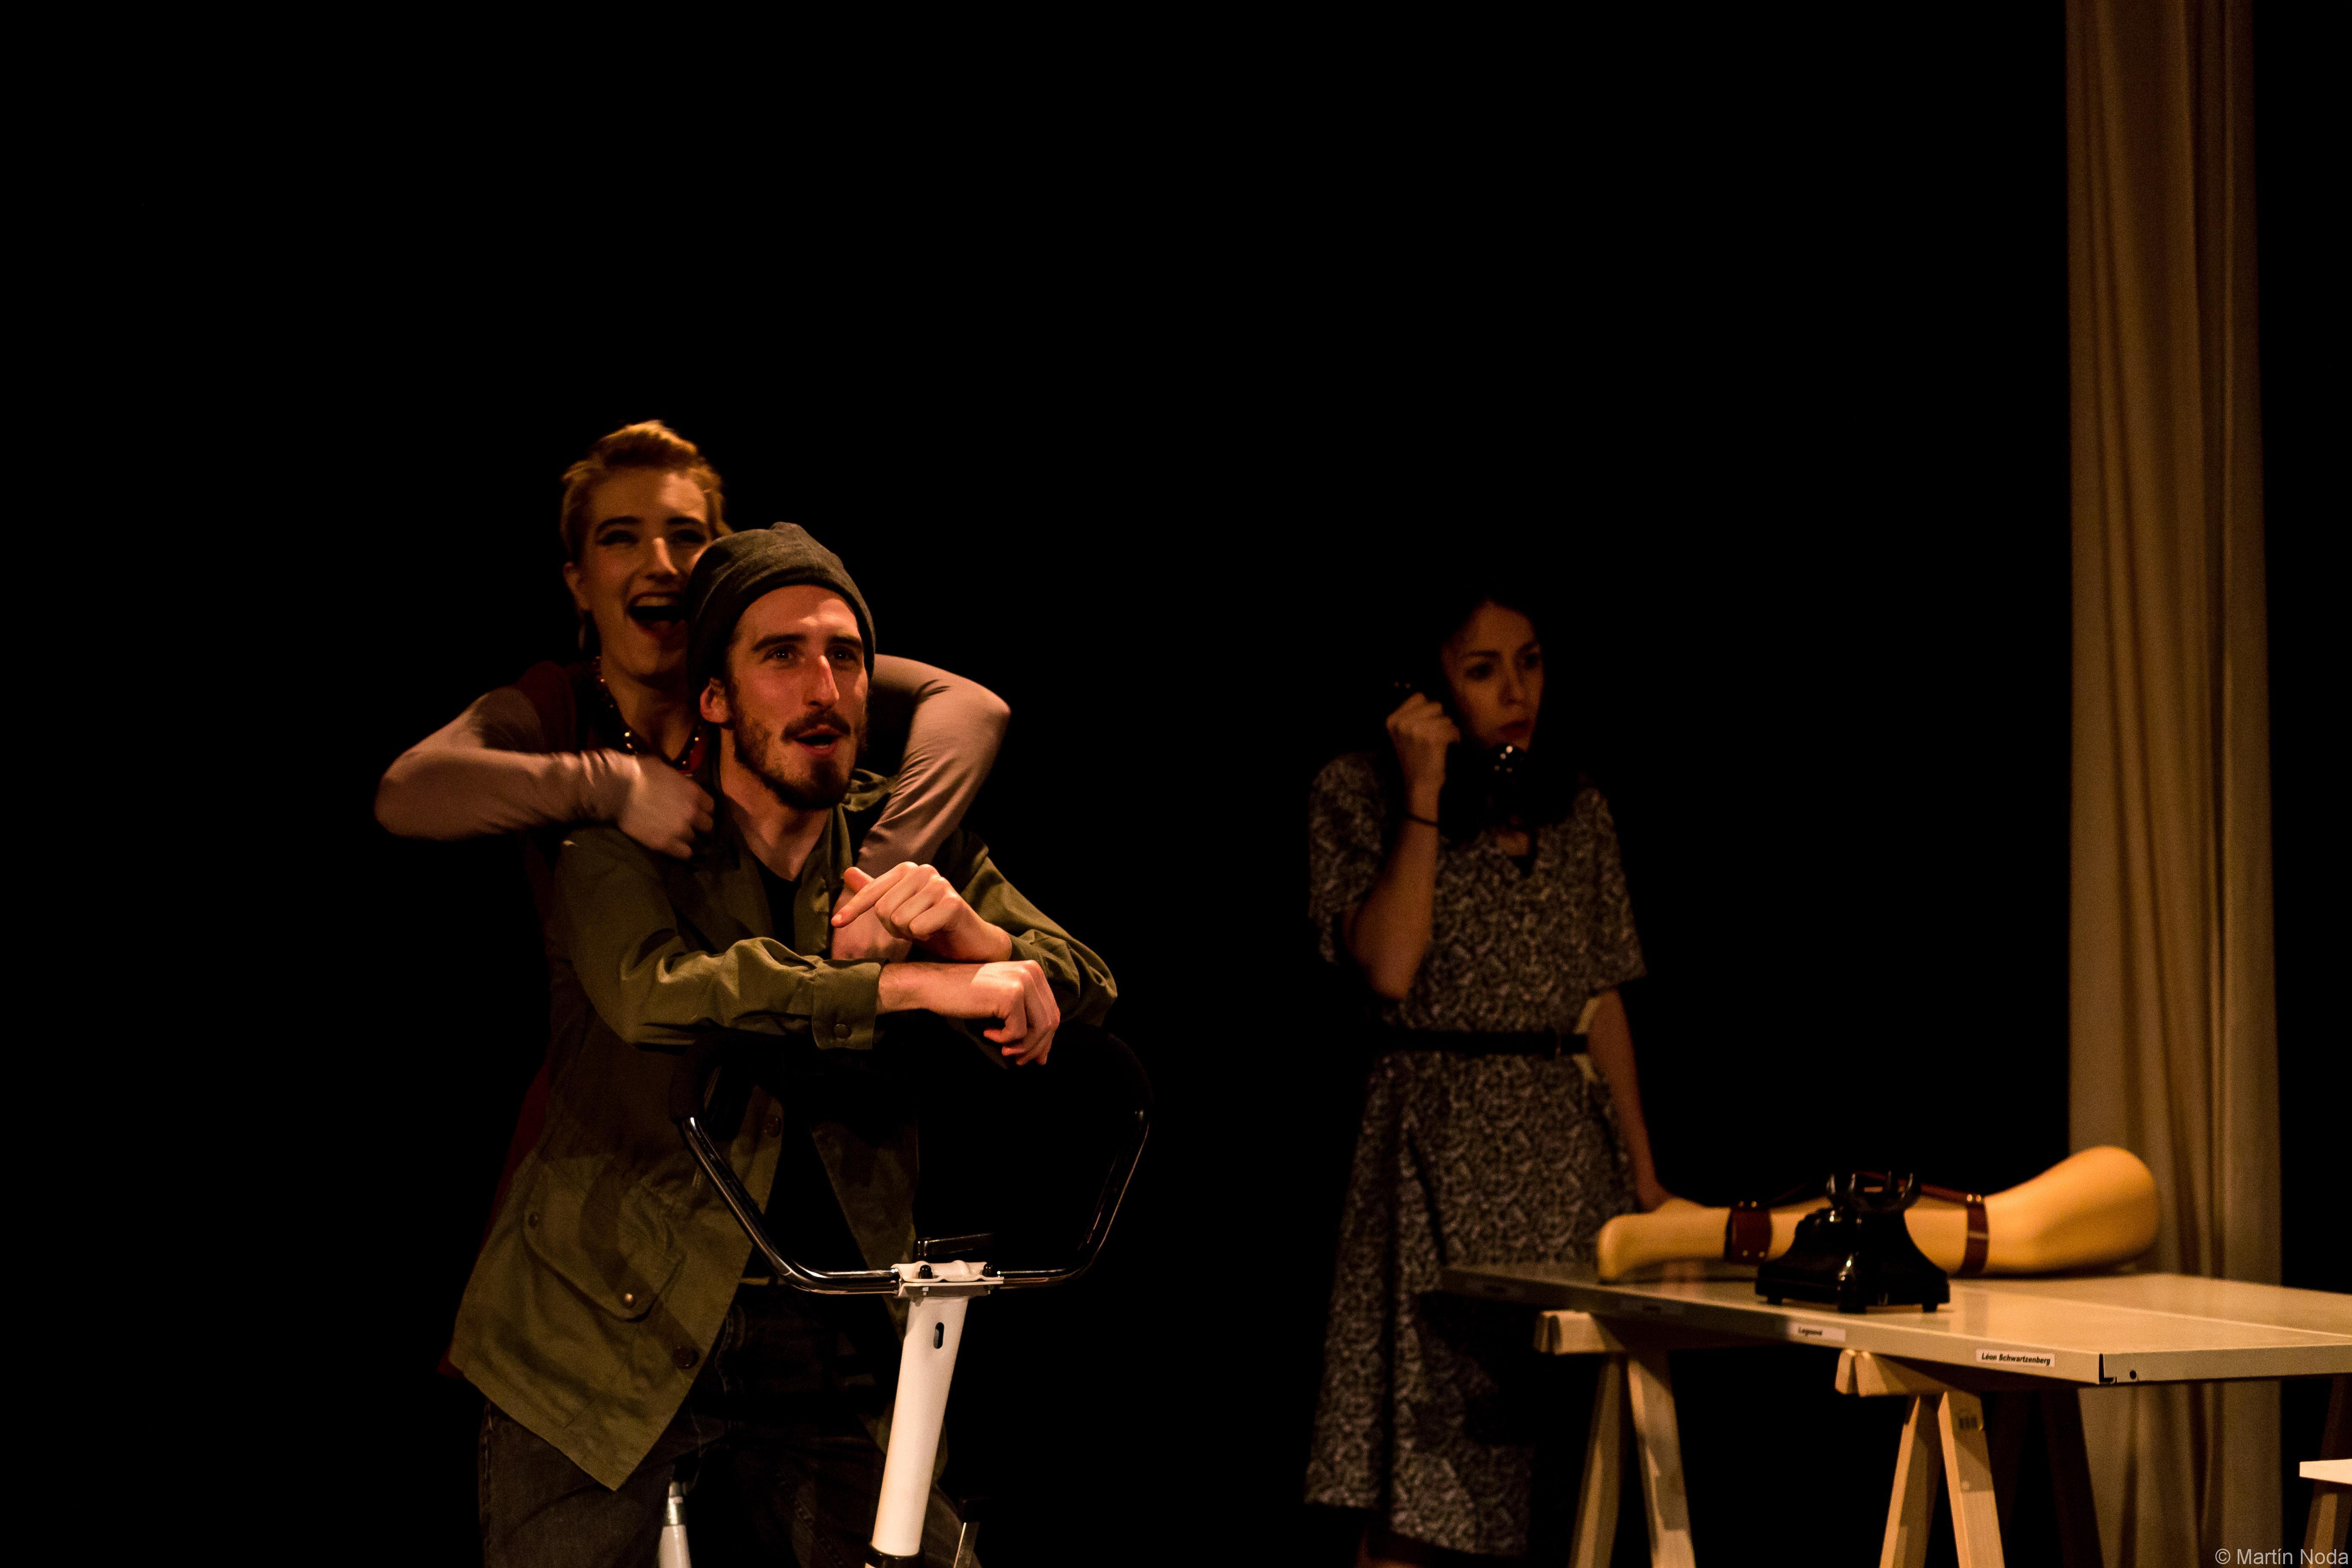 Répétitions - Daniel Horn, Laurie-Anne Macé et Margot Tramontana